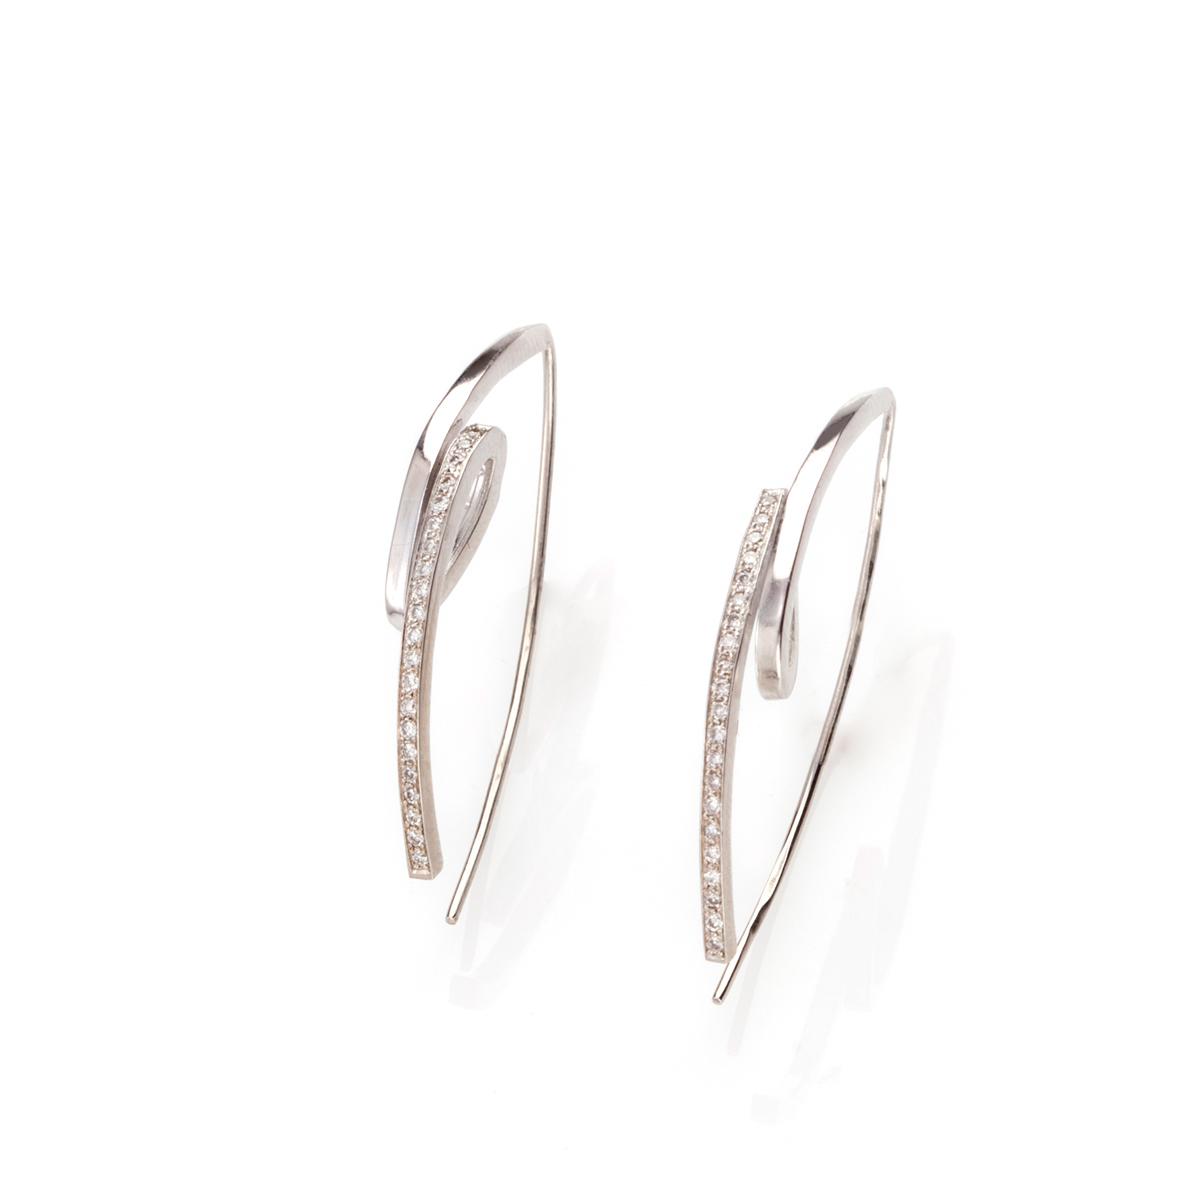 Spring Diamond gold earrings